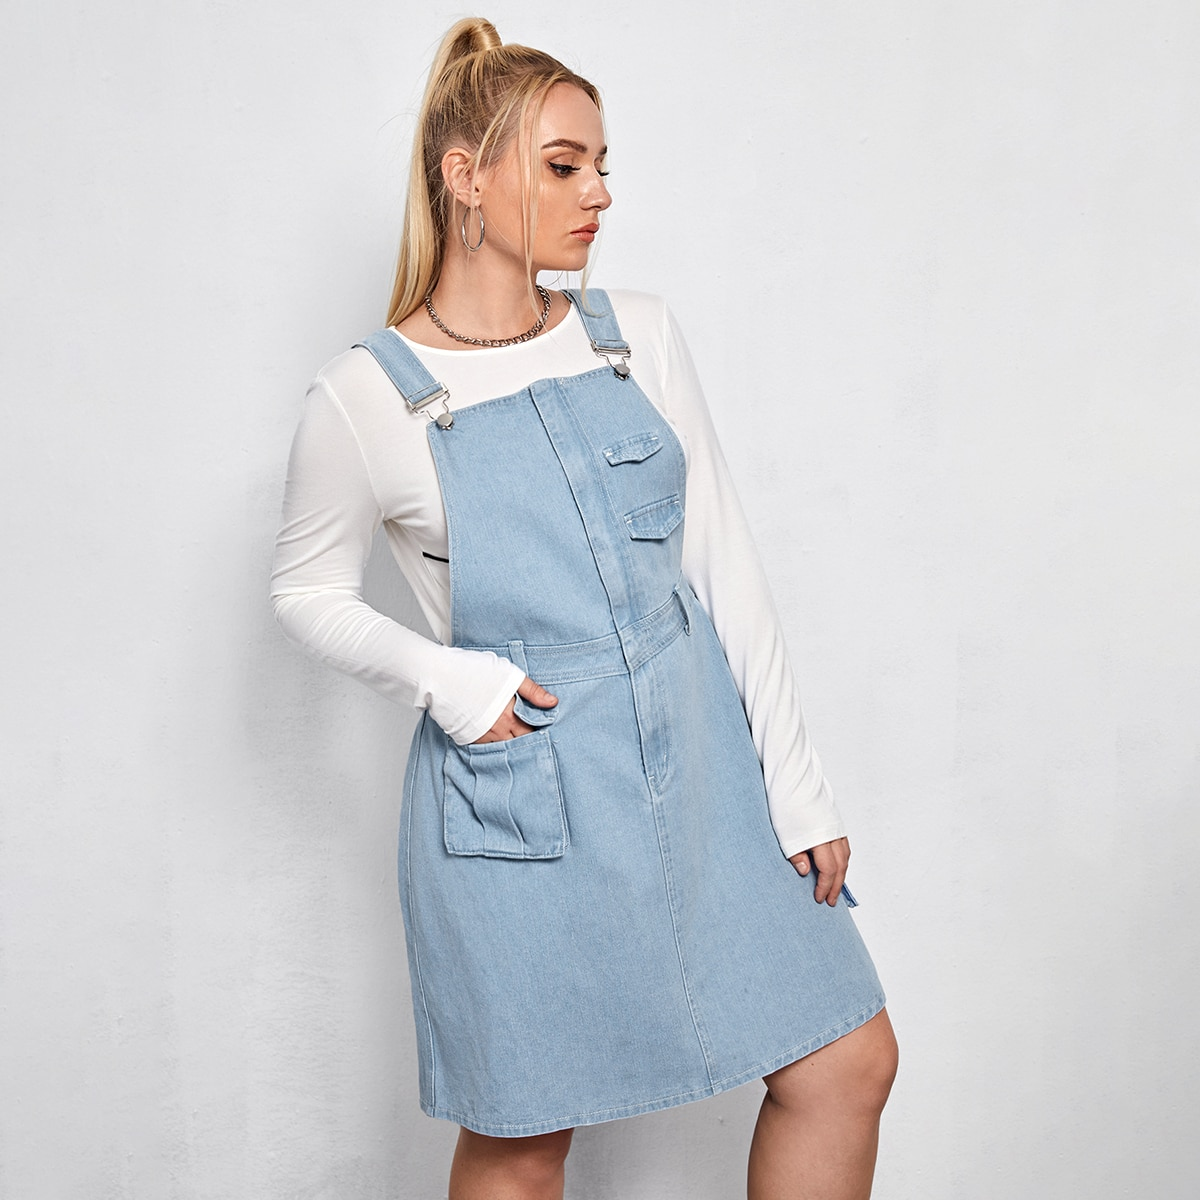 Джинсовое платье-сарафан размера плюс с карманом